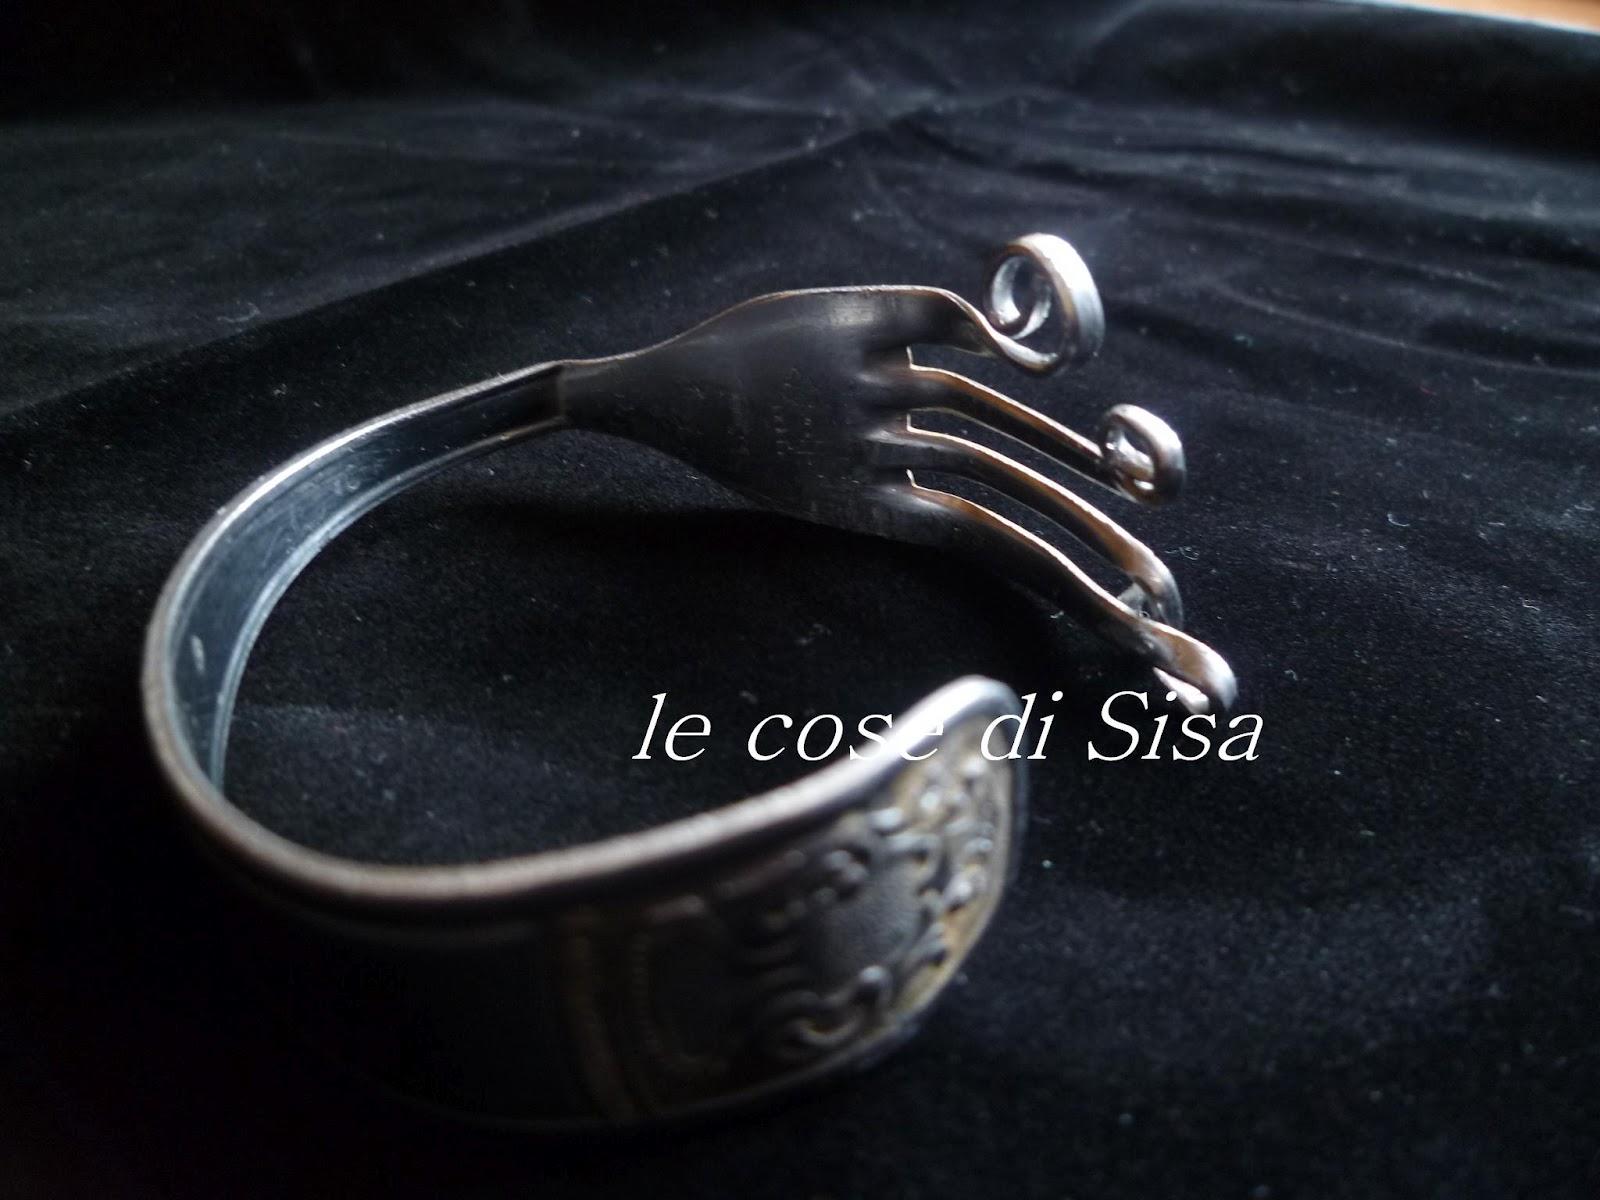 Ben noto Le cose di Sisa: Posate gioiello - gallery EU73